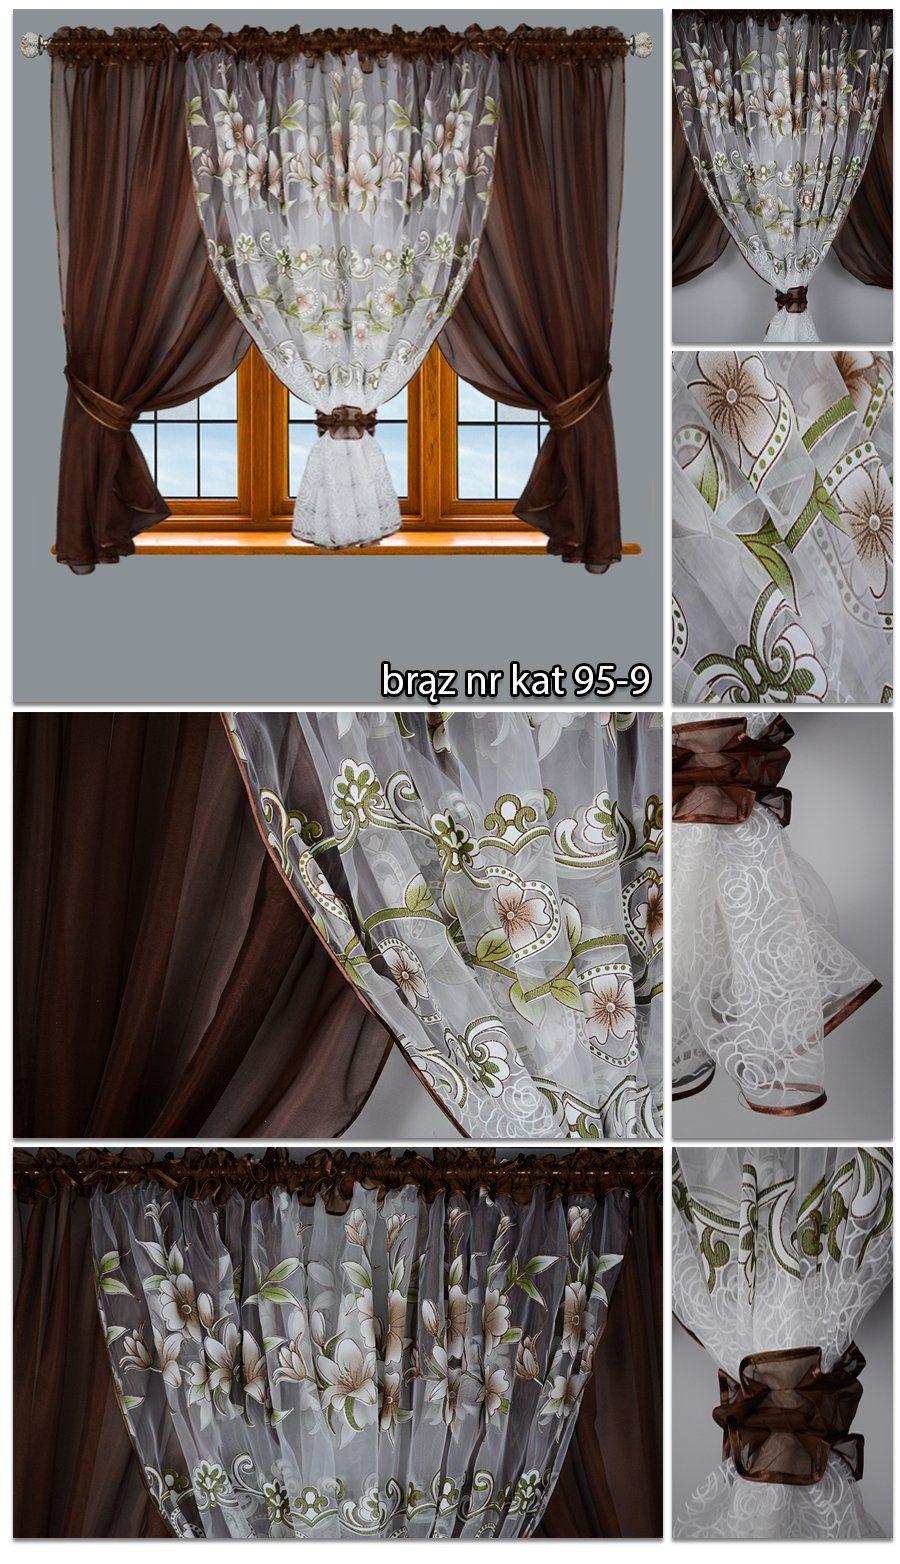 Firana Gotowa Woal W Kwiaty 500x150 Firany Zaslony 7147020384 Allegro Pl Wiecej Niz Aukcje Home Decor Curtains Valance Curtains